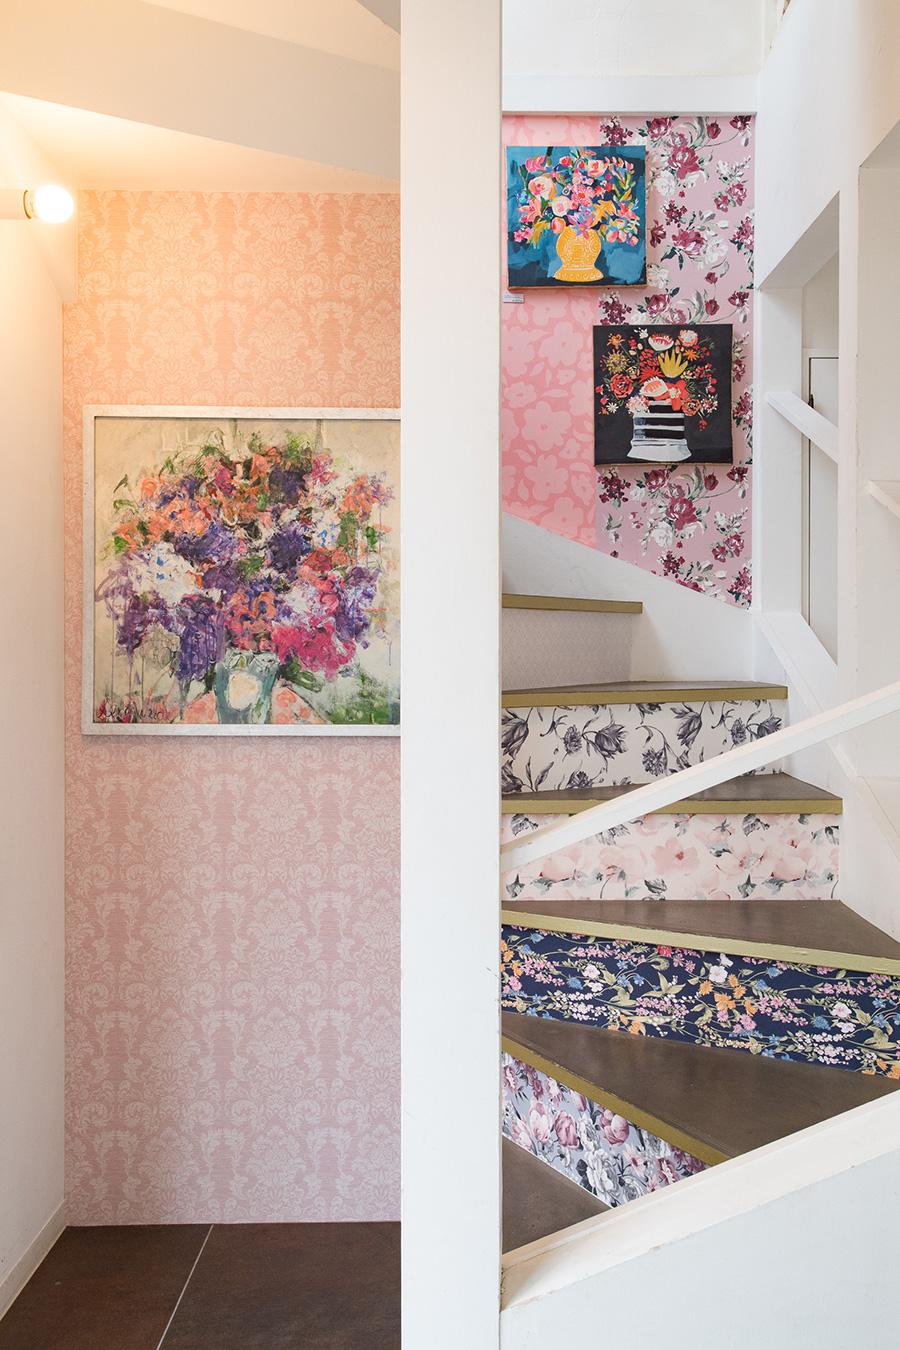 階段の段差と段差の間に壁紙を貼るアイディア。1段づつ柄を変えている。